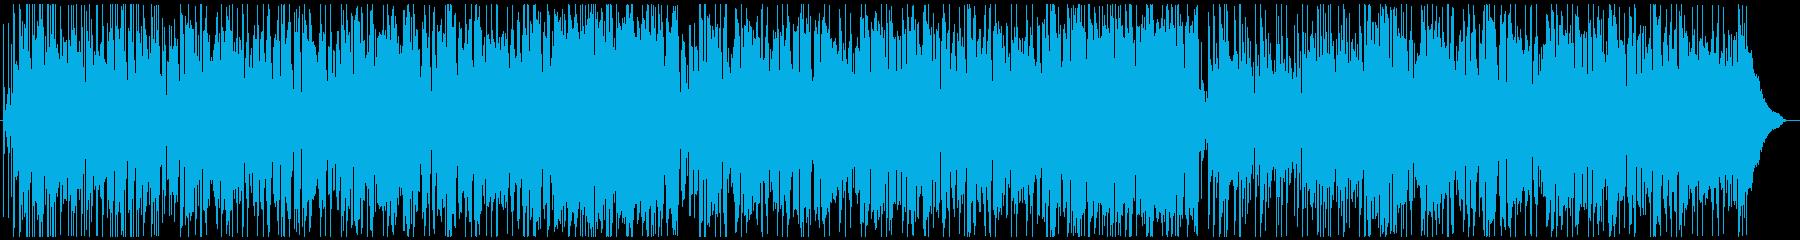 ロックバンド・80年代ドラマオープニングの再生済みの波形